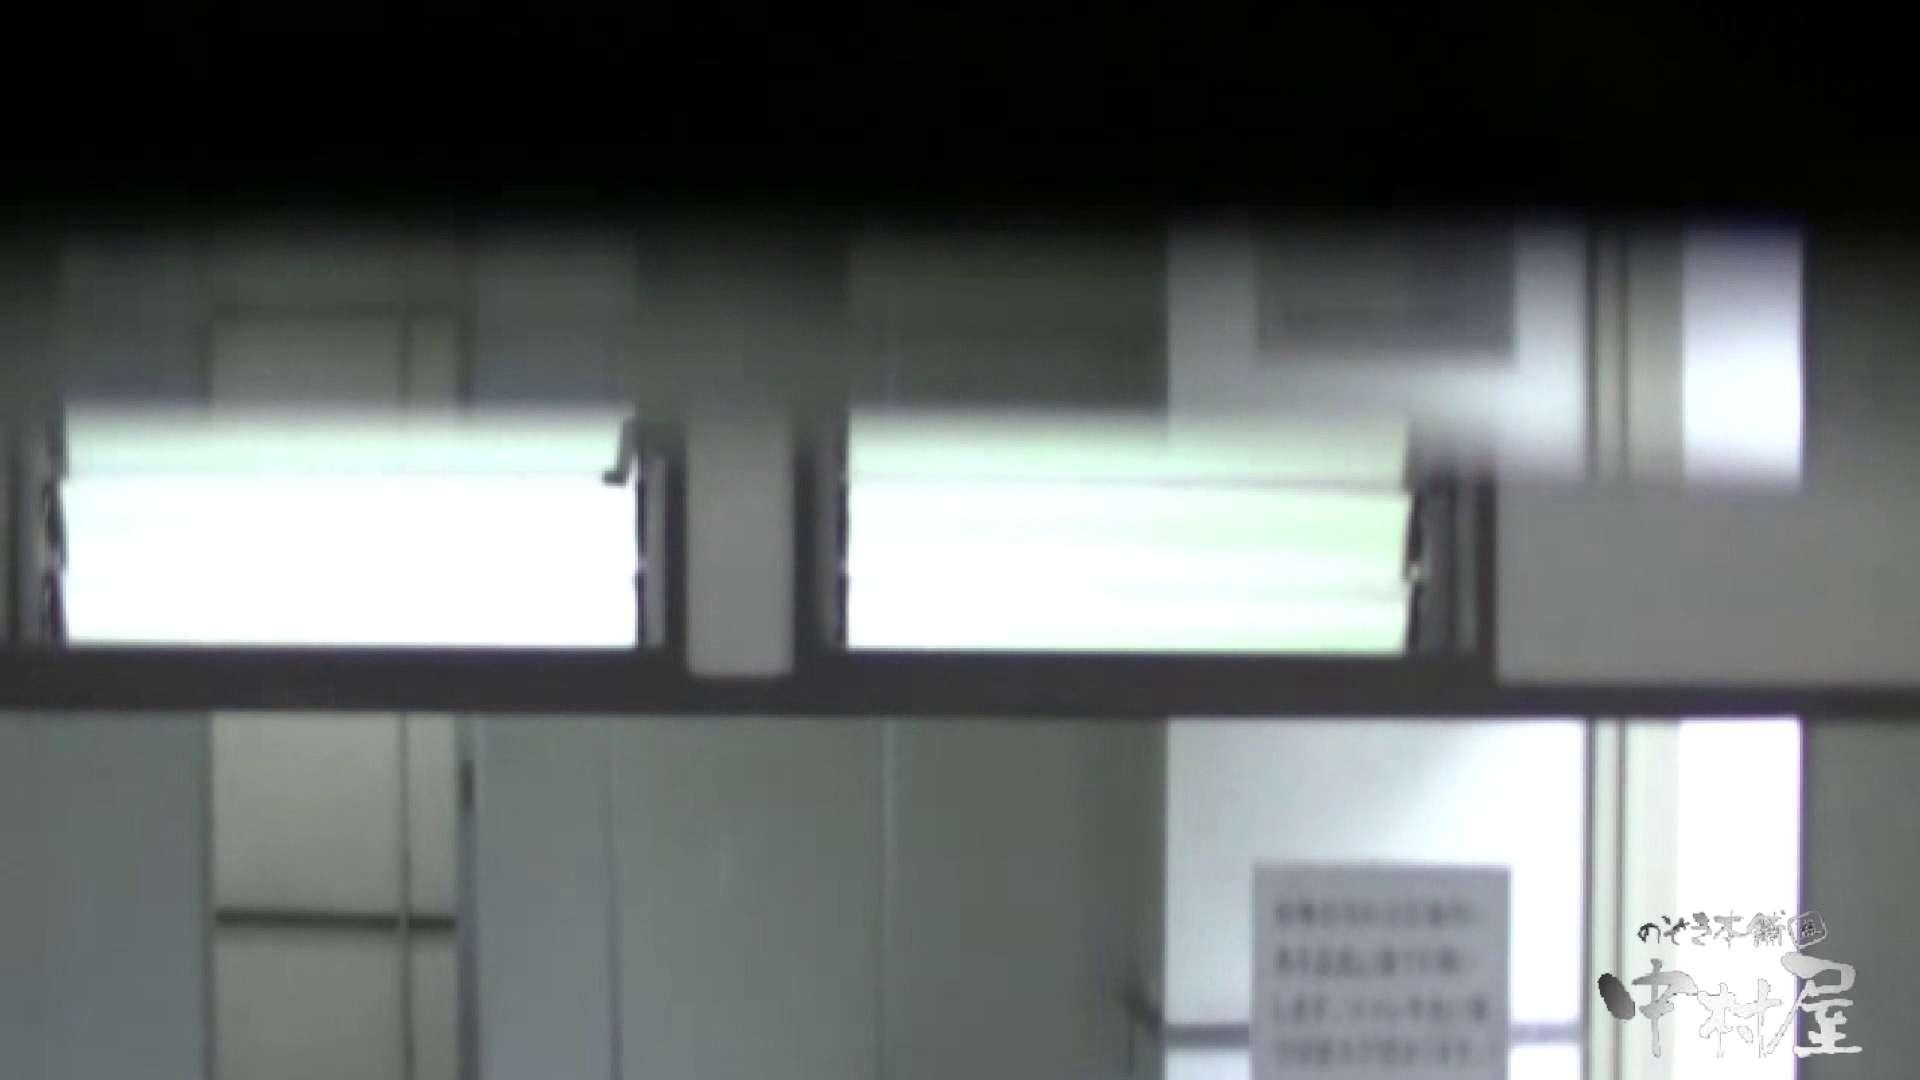 無修正ヌード VIP配信している雅さんの独断と偏見で集めたVIP限定 動画集Vol.1一部公開 のぞき本舗 中村屋